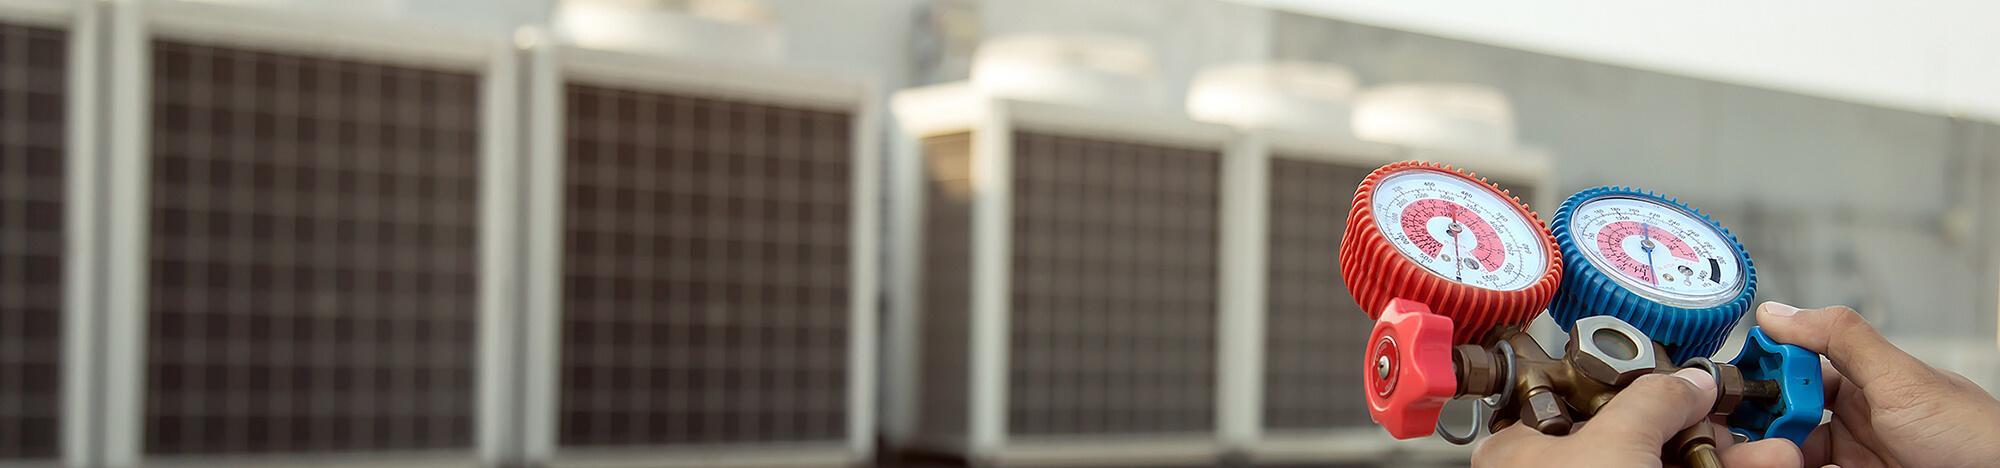 Commercial HVAC Banner